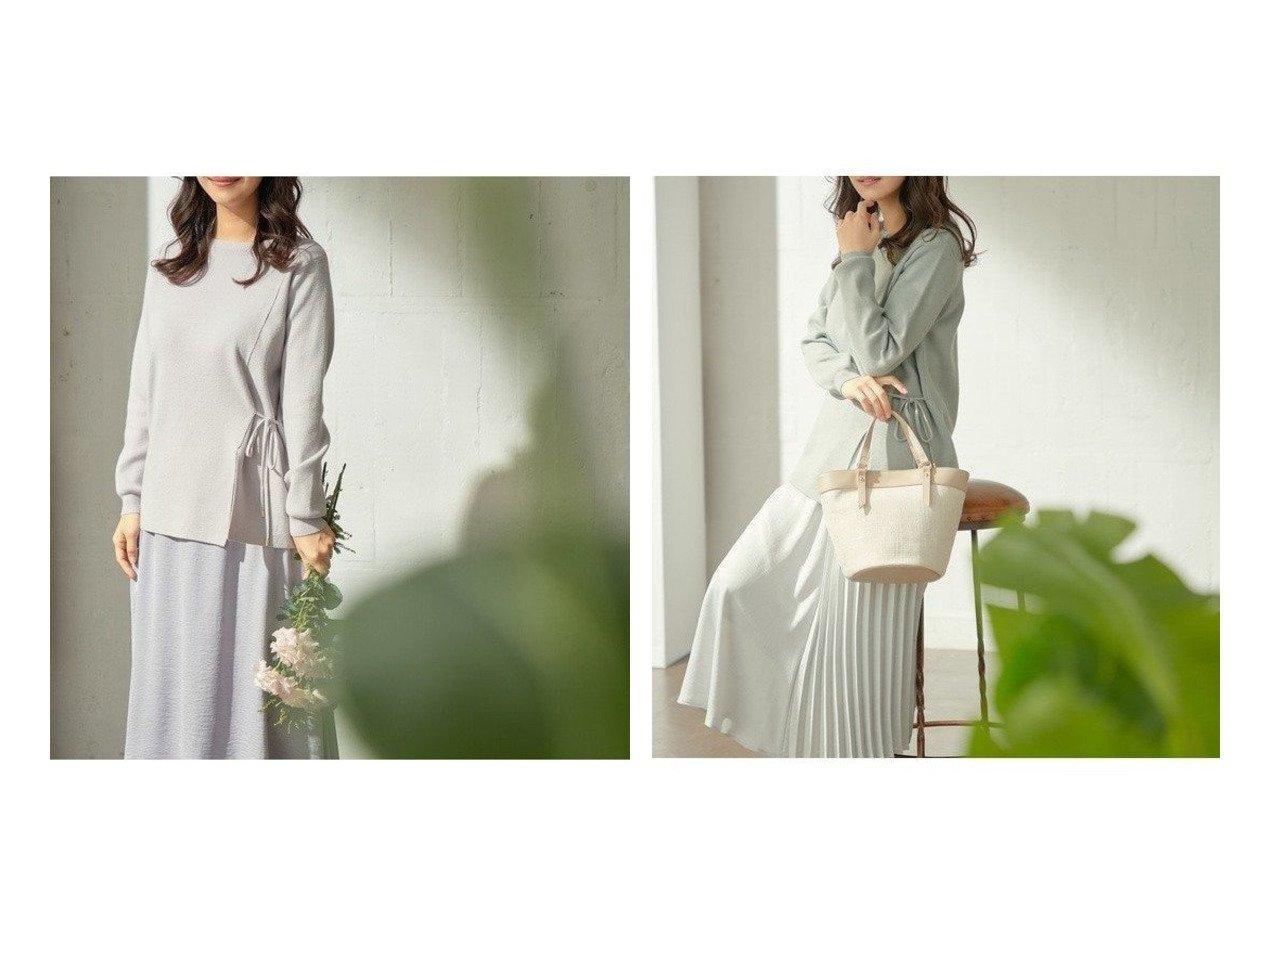 【any SiS/エニィ スィス】の【2SET】サイドスリットニット×2WAYサテンスカート セットアップ ワンピース・ドレスのおすすめ!人気、トレンド・レディースファッションの通販 おすすめで人気の流行・トレンド、ファッションの通販商品 メンズファッション・キッズファッション・インテリア・家具・レディースファッション・服の通販 founy(ファニー) https://founy.com/ ファッション Fashion レディースファッション WOMEN セットアップ Setup スカート Skirt 洗える サテン シンプル スリット セットアップ トレンド フェミニン フラット プリーツ リボン 送料無料 Free Shipping NEW・新作・新着・新入荷 New Arrivals |ID:crp329100000014765